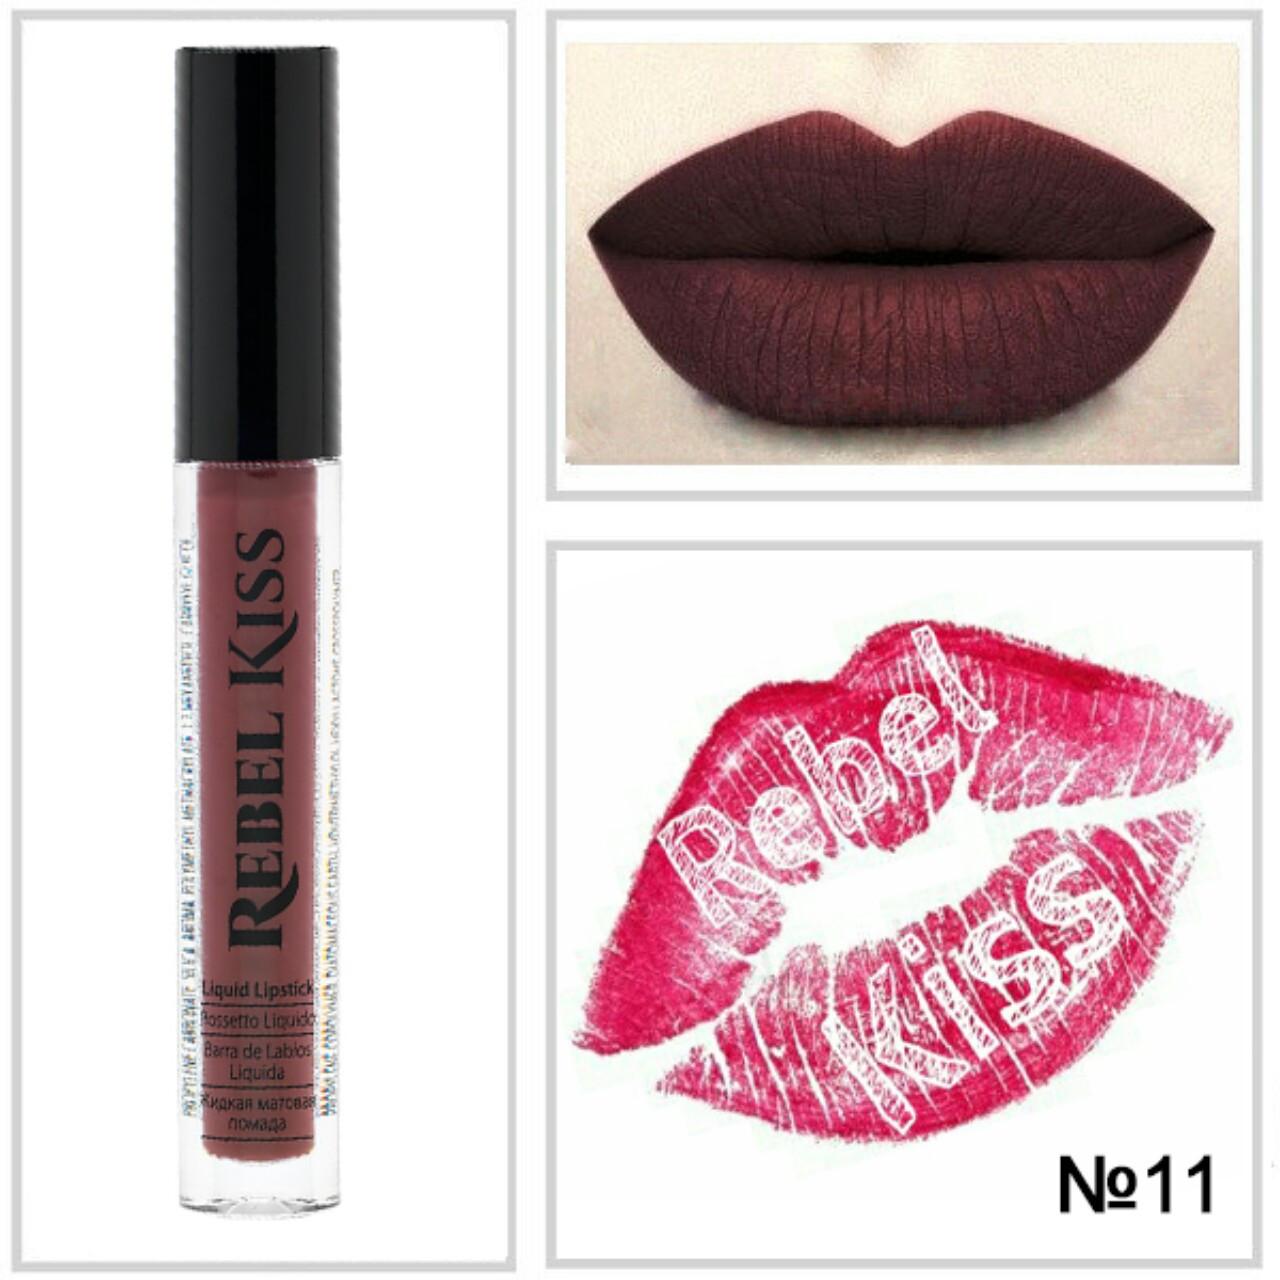 Rebel Kiss Жидкая матовая помада №11